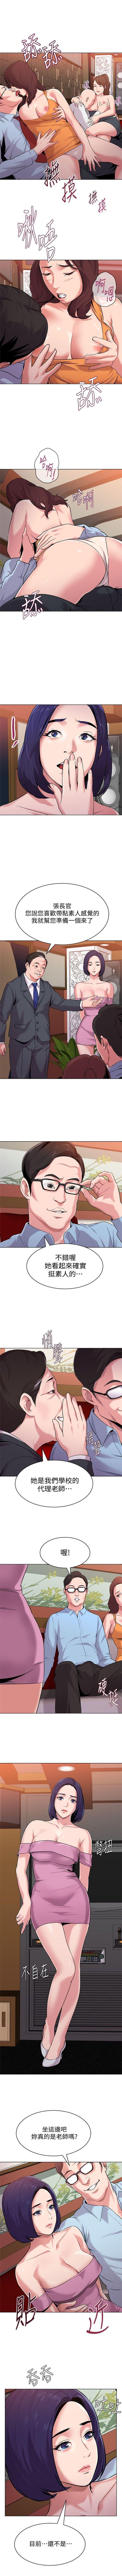 (周3)老师 1-56 中文翻译(更新中) 49